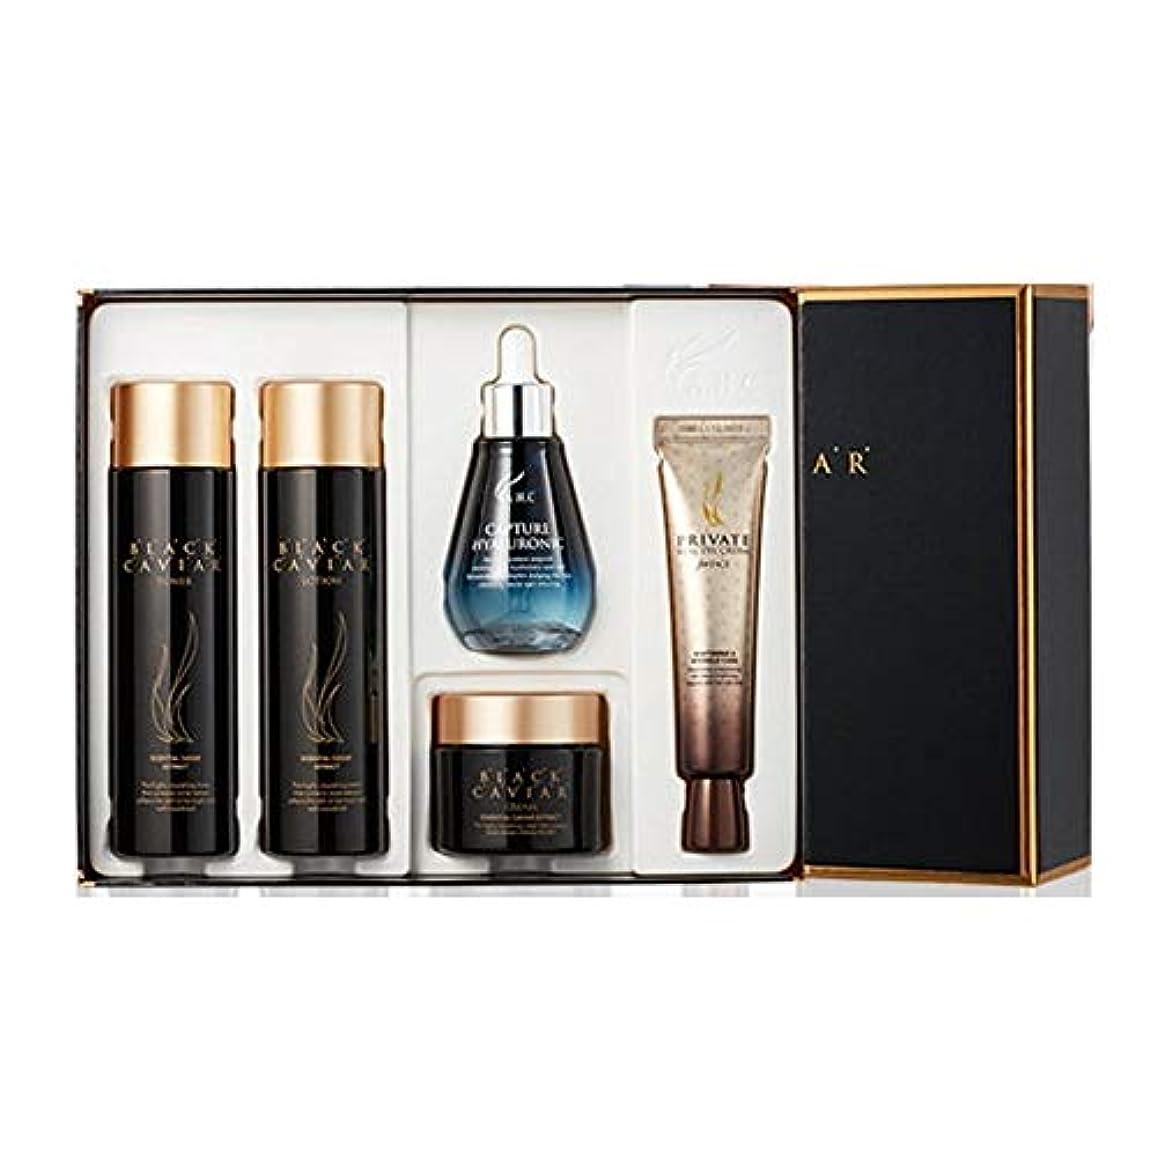 ポスター傾向があるアンタゴニストAHCブラックキャビアスキンケアセットトナーローションクリームアイクリームアンプル、AHC Black Caviar Skincare Set Toner Lotion Cream Eye Cream Ampoule [...